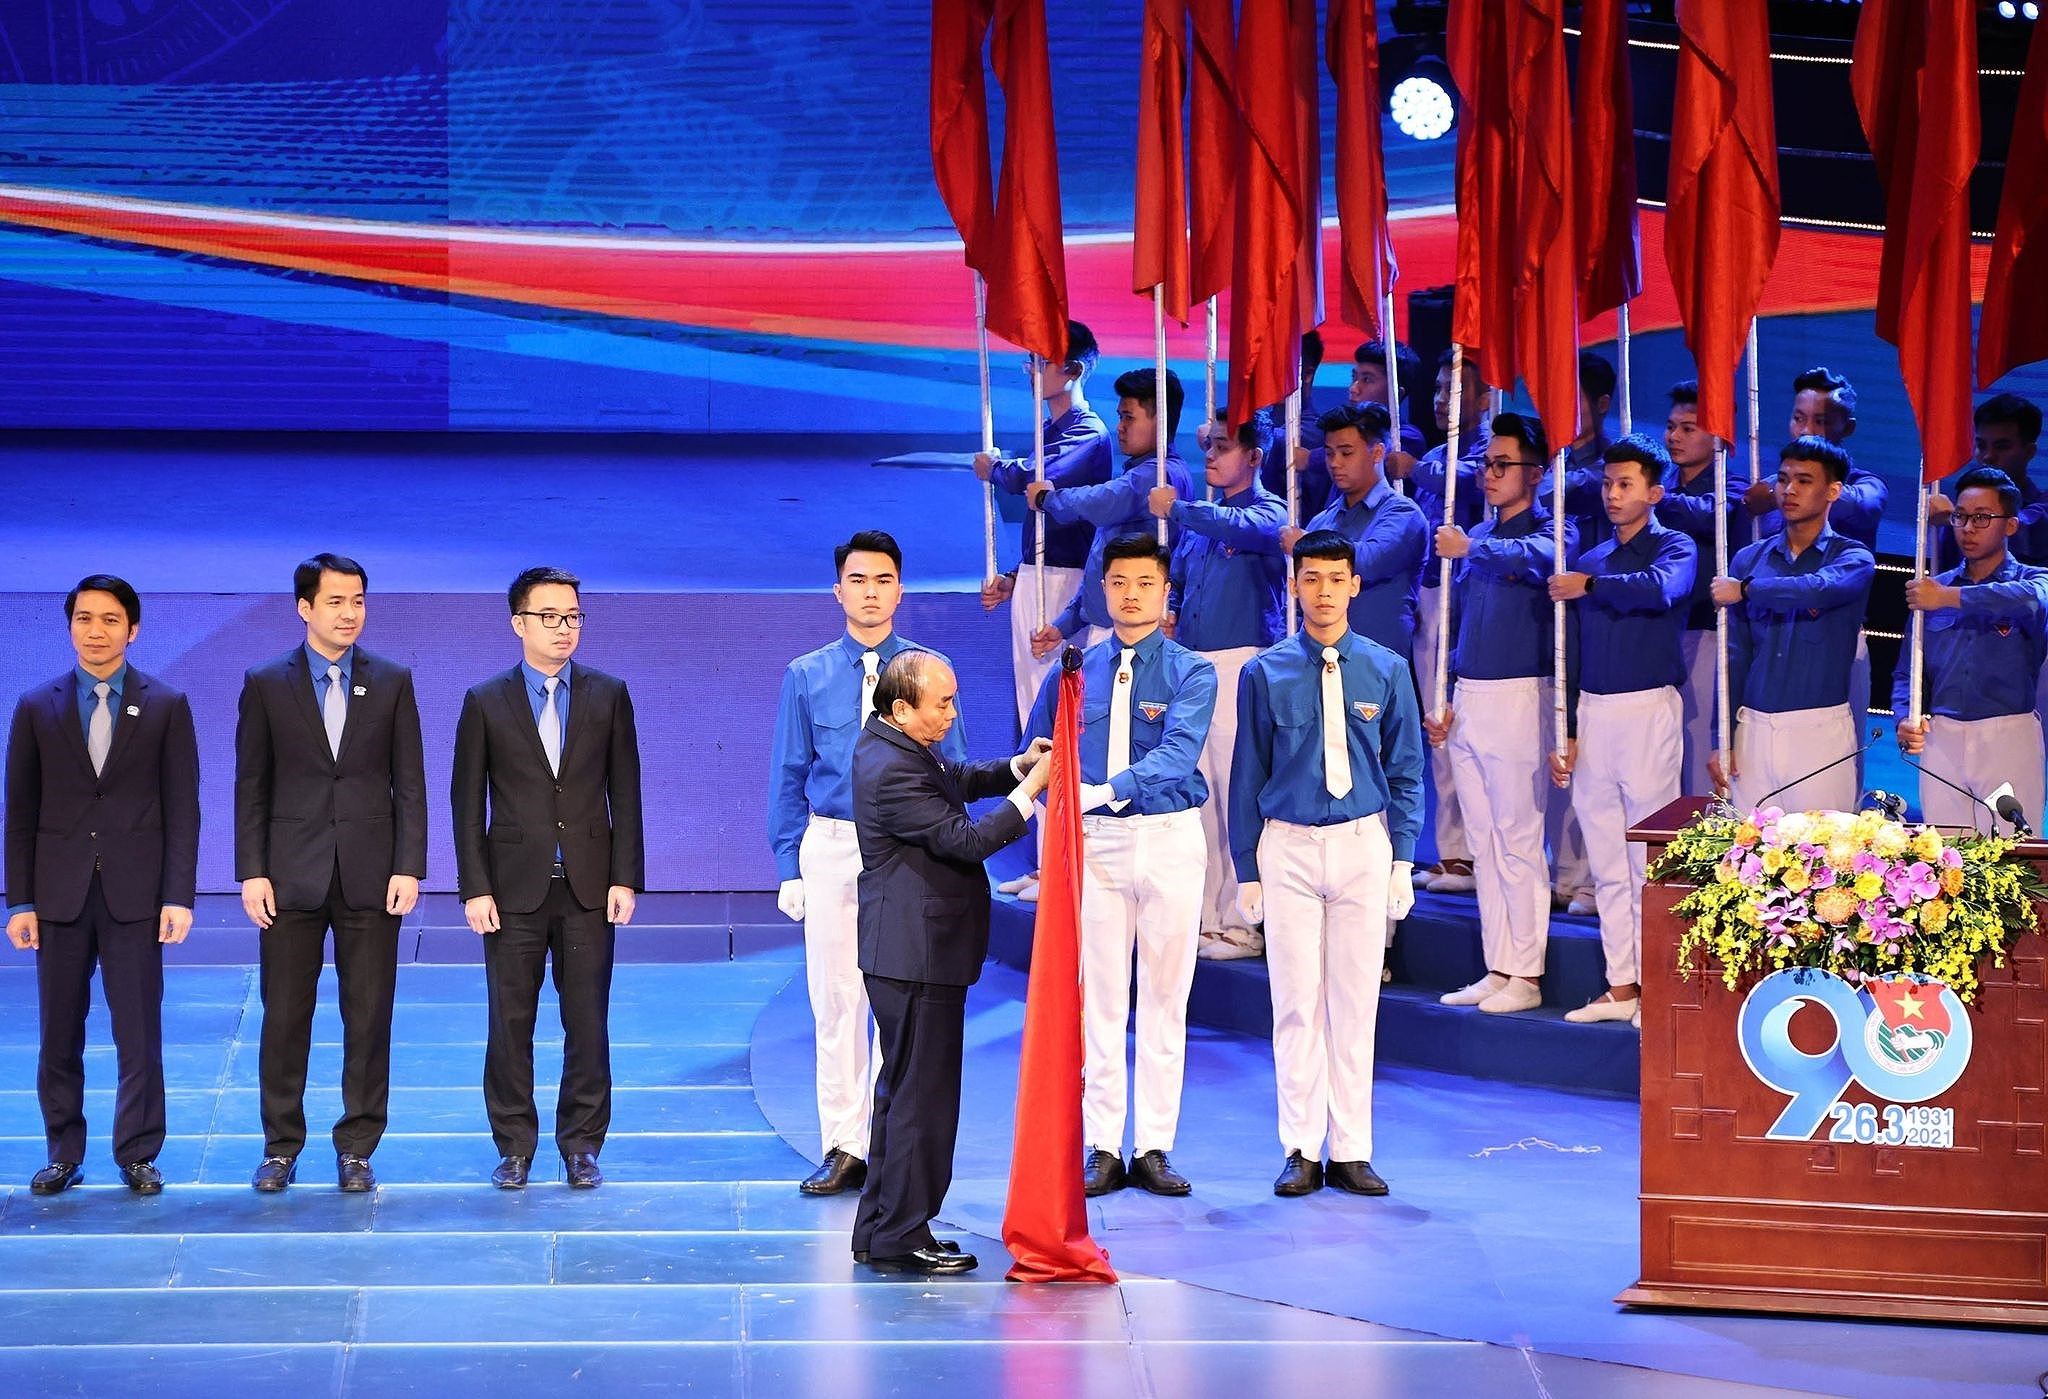 Ceremonia por el aniversario 90 de Union de Jovenes Comunistas Ho Chi Minh hinh anh 4